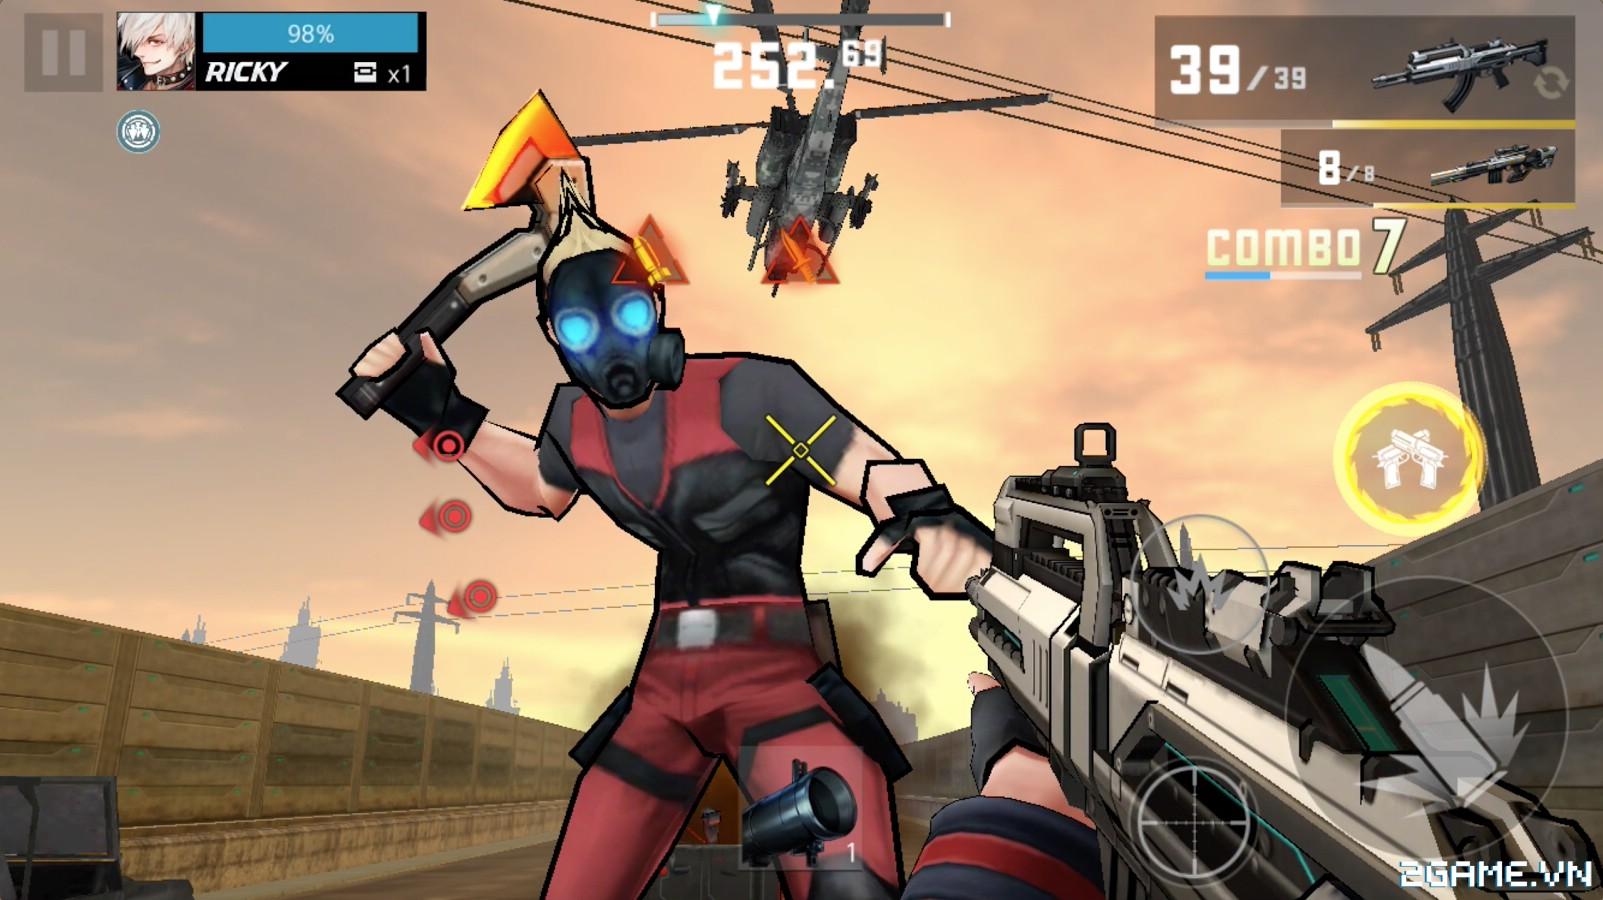 Wanted Killer: Game mobile bắn súng phong cách game thùng đầy chất chơi 2